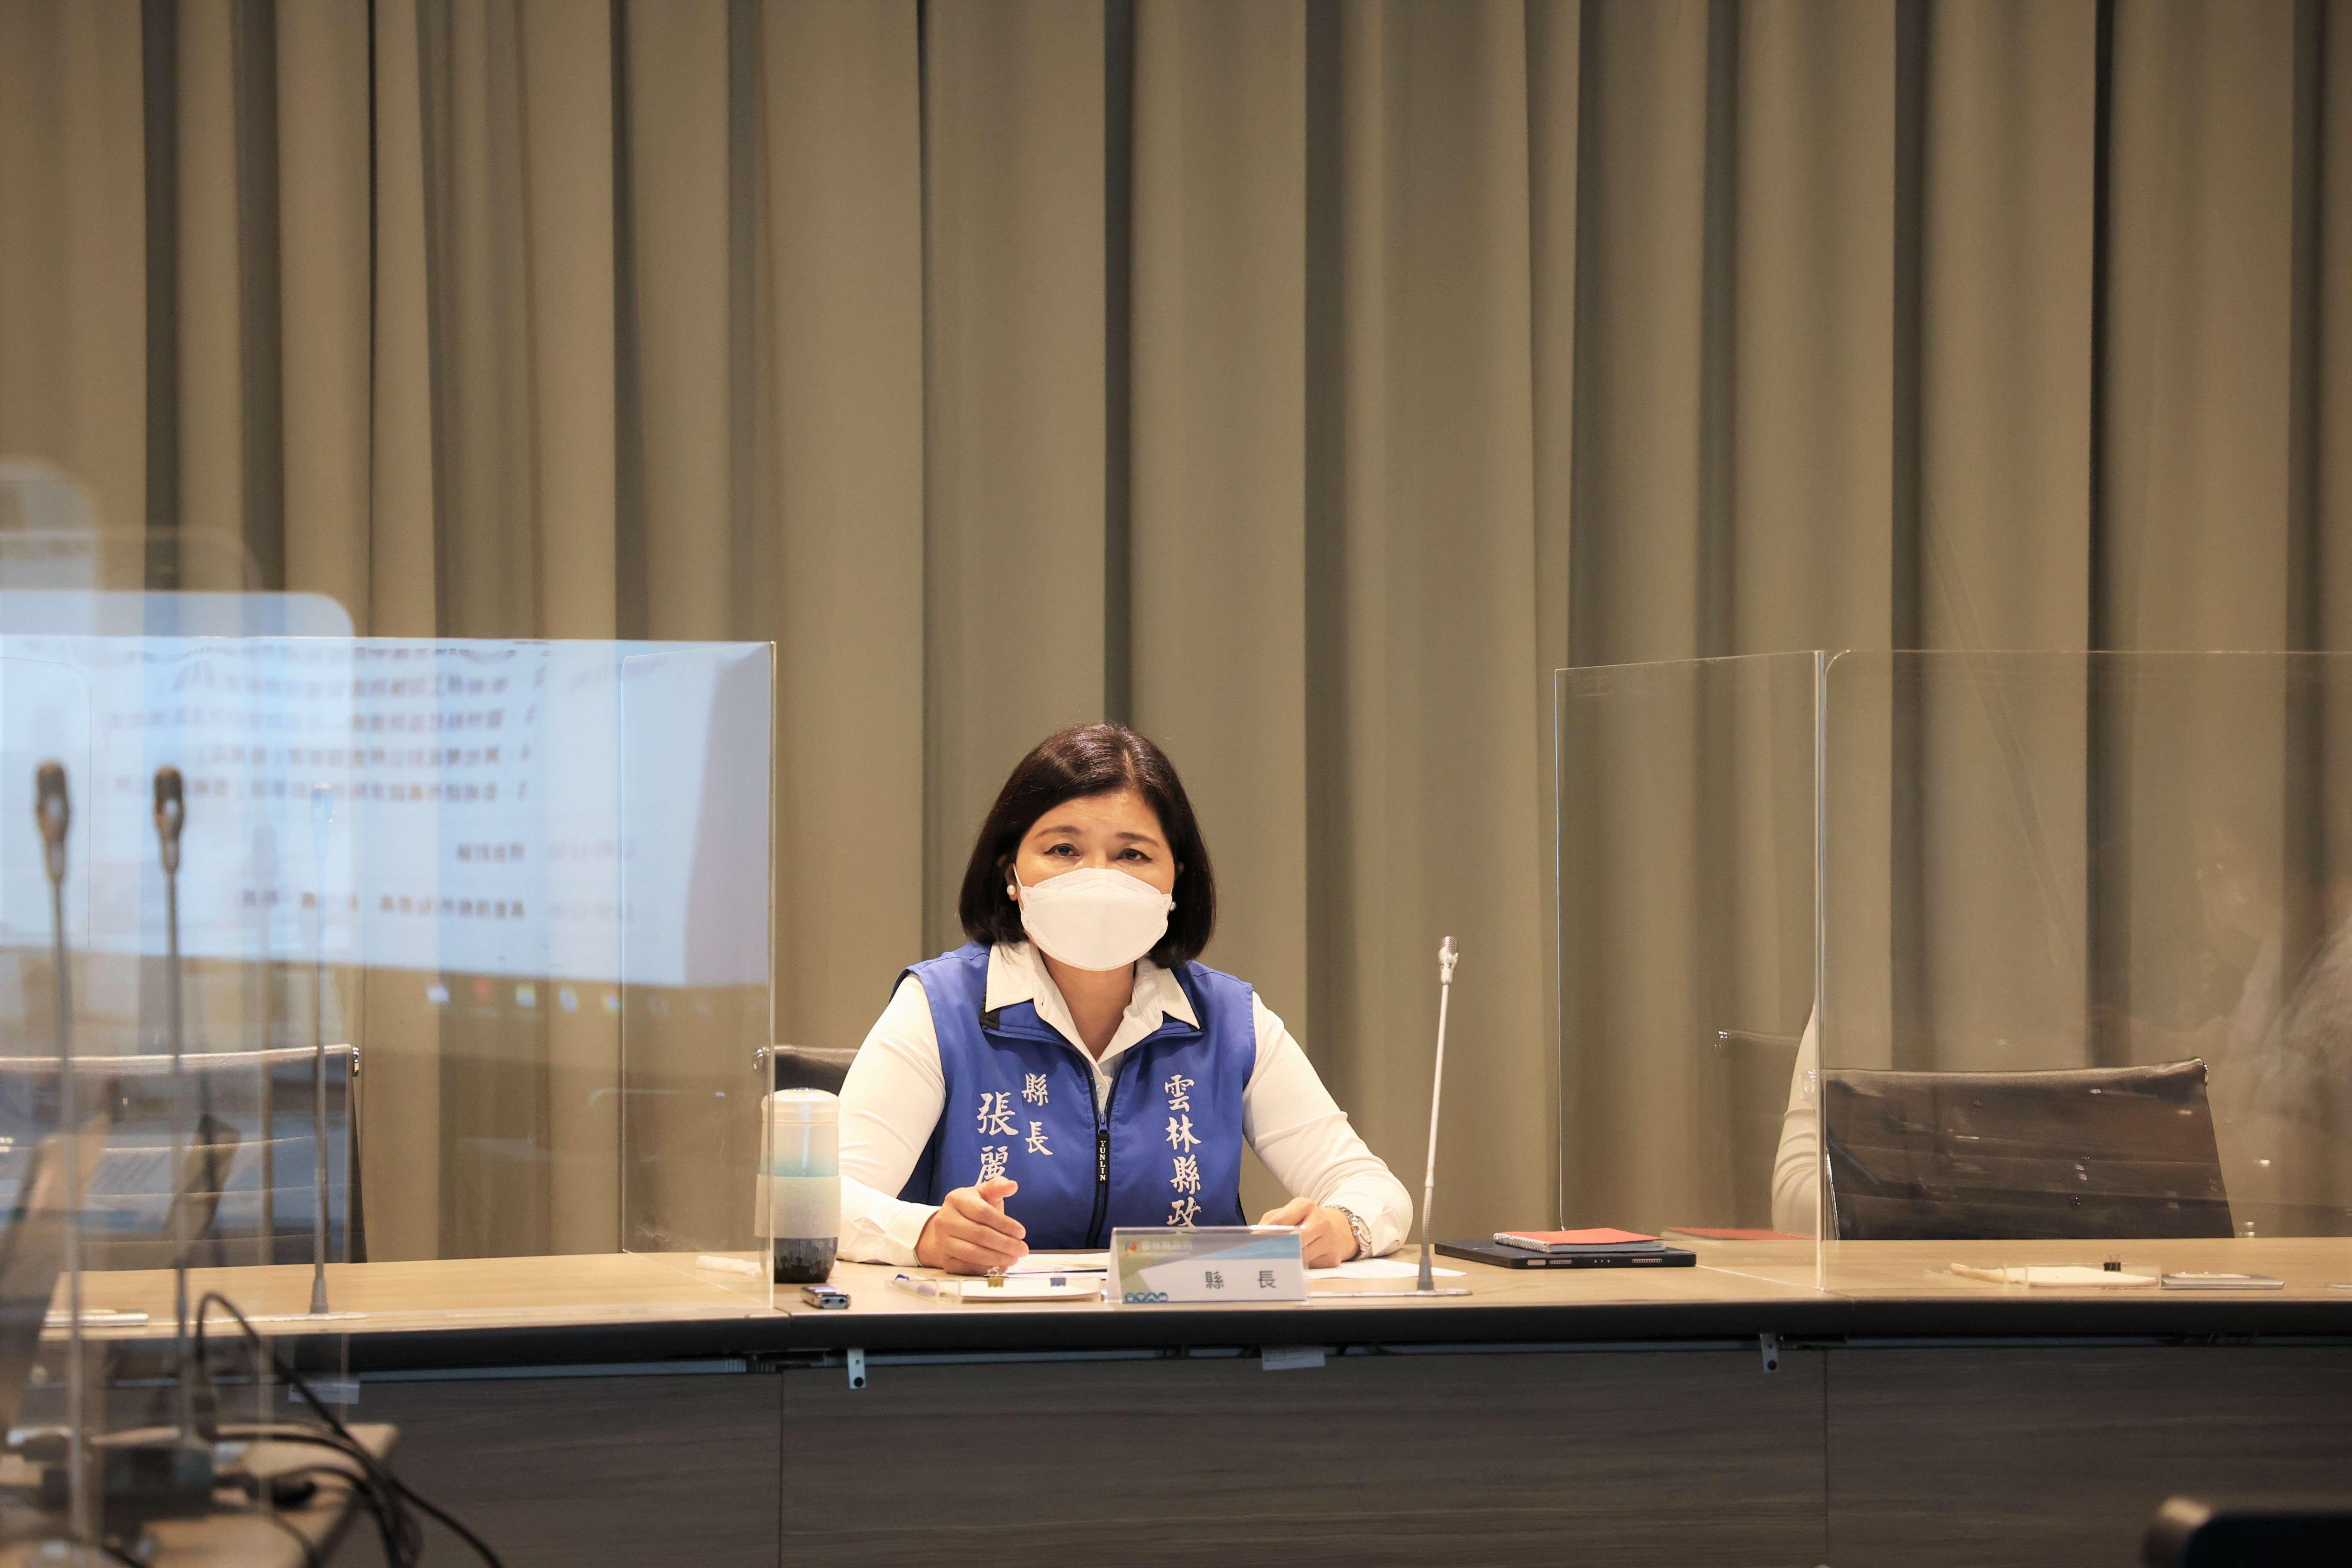 張麗善召開COVID-19疫情主管視訊會議 成立社區防疫網 打造社區防疫防護罩